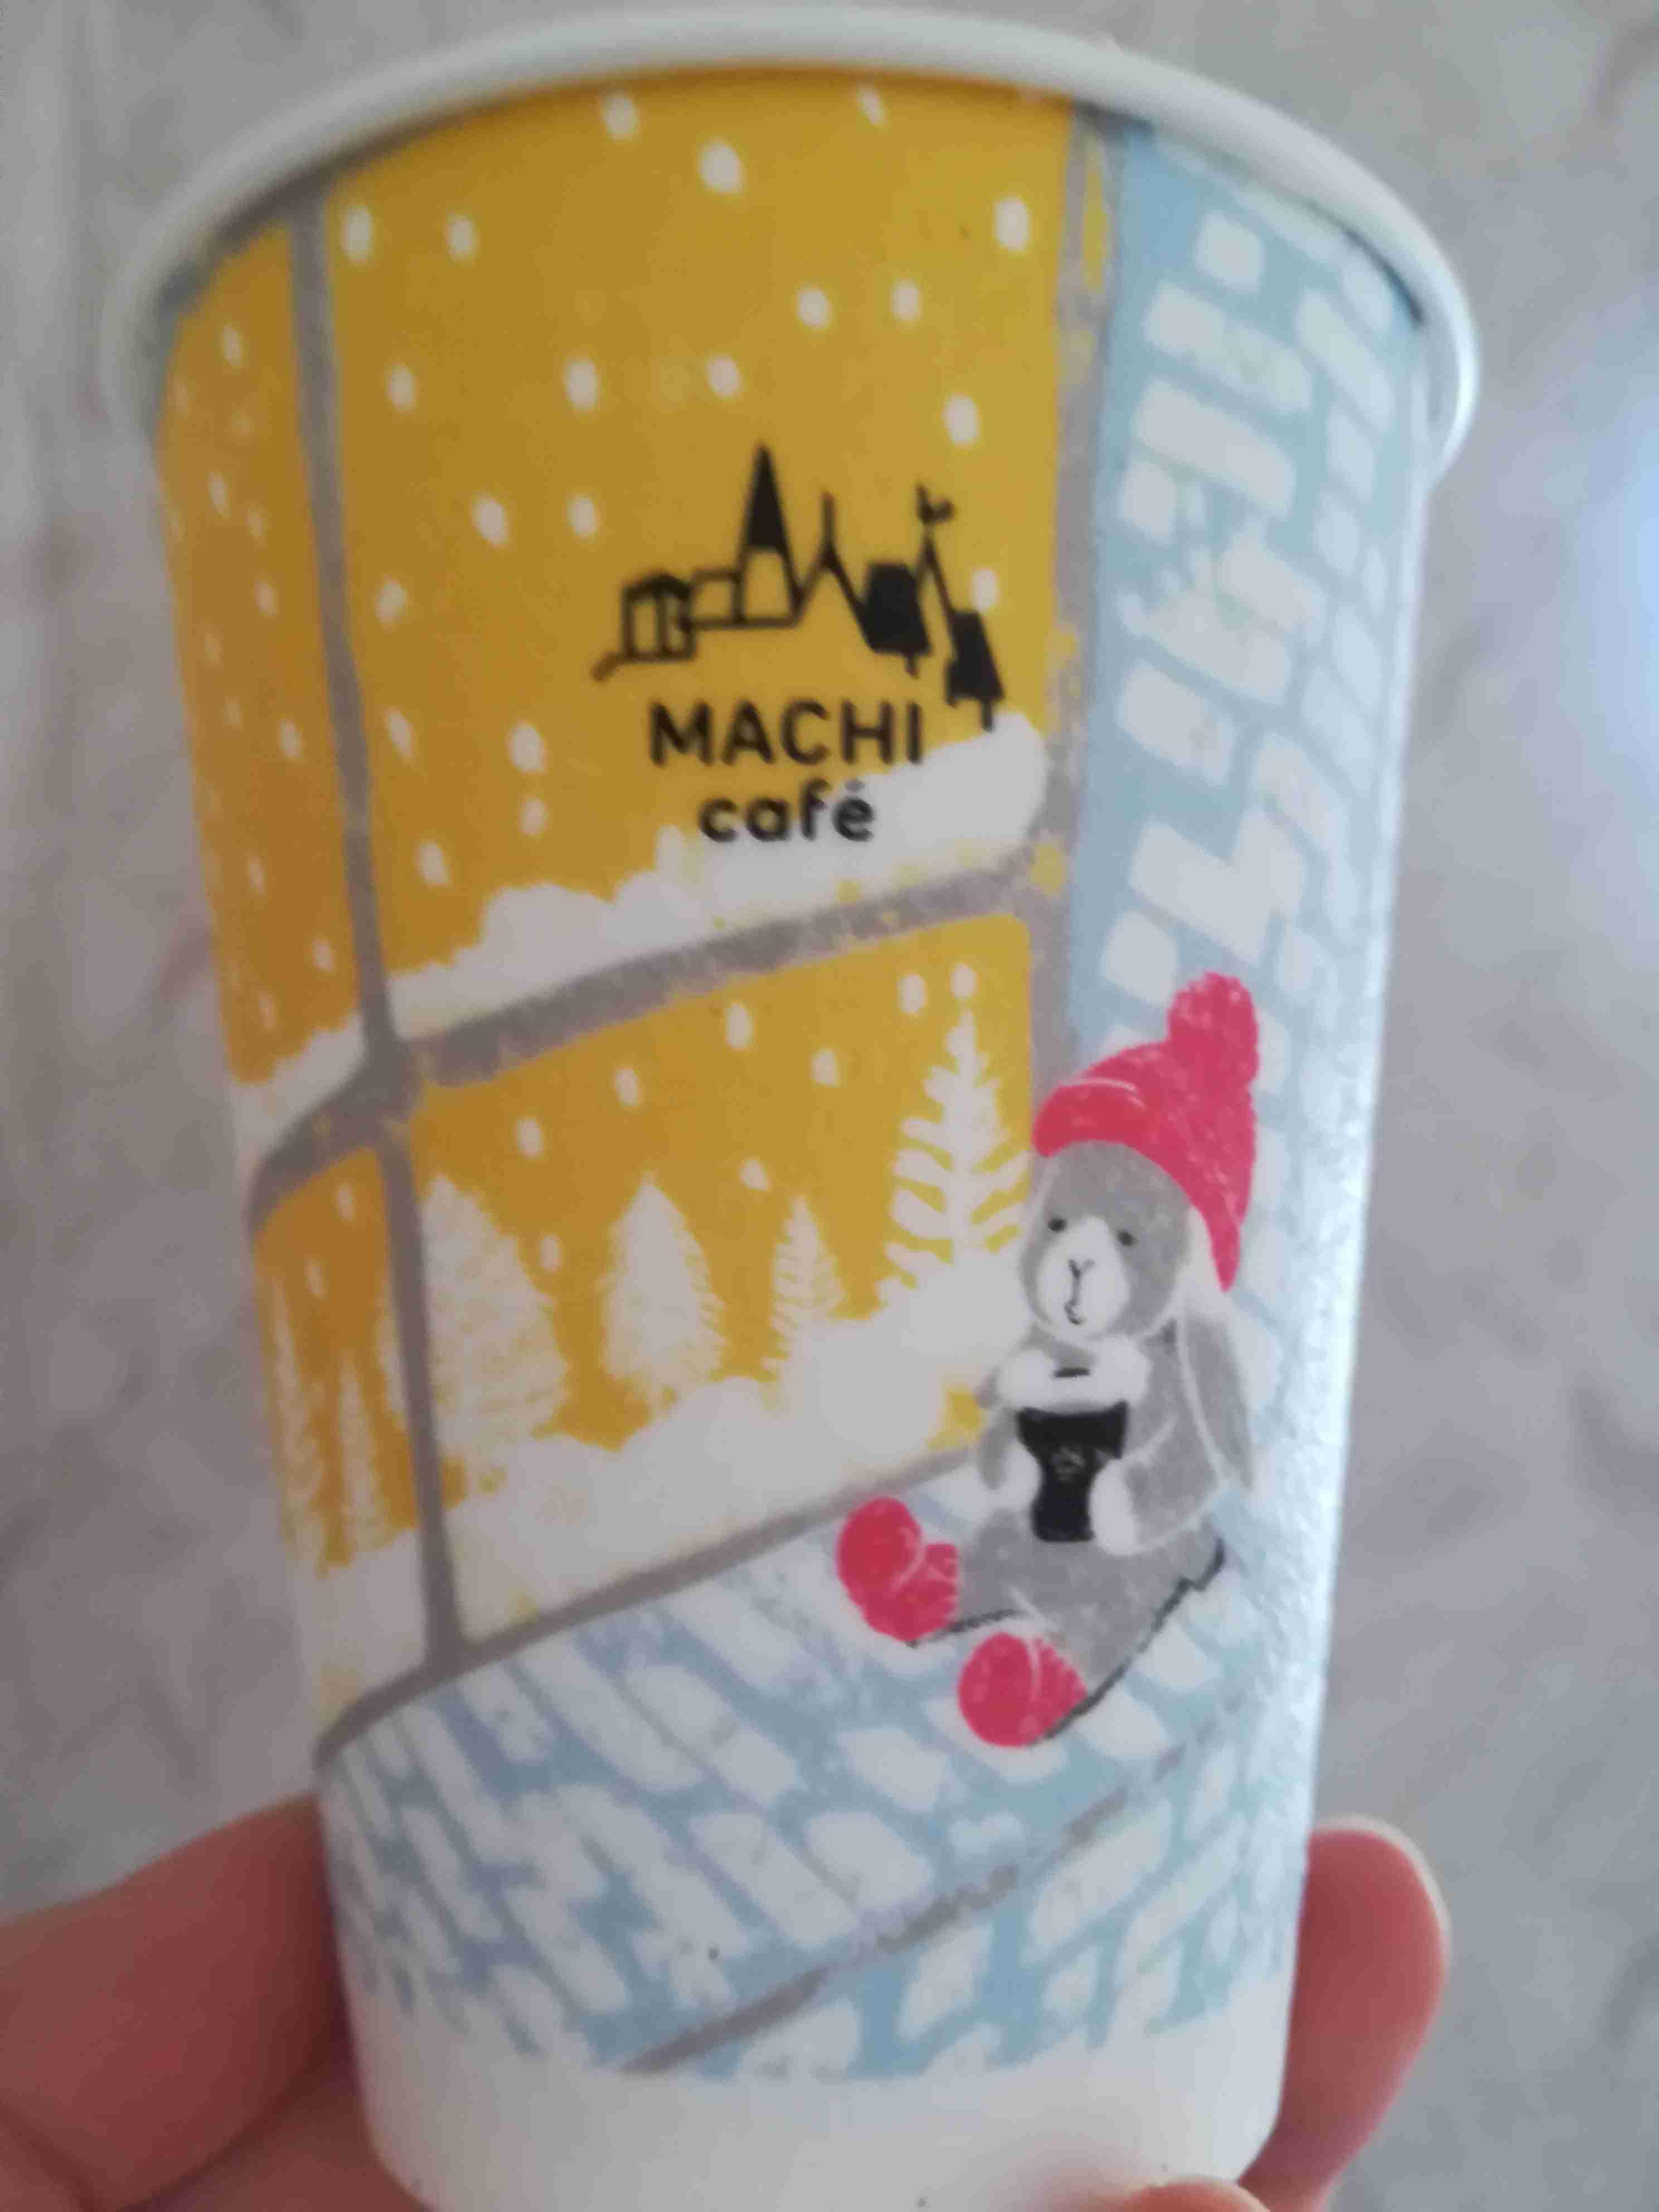 ローソンにいれたて「ほうじ茶ラテ」!ホットミルクで抽出した濃厚&香ばしい味わい